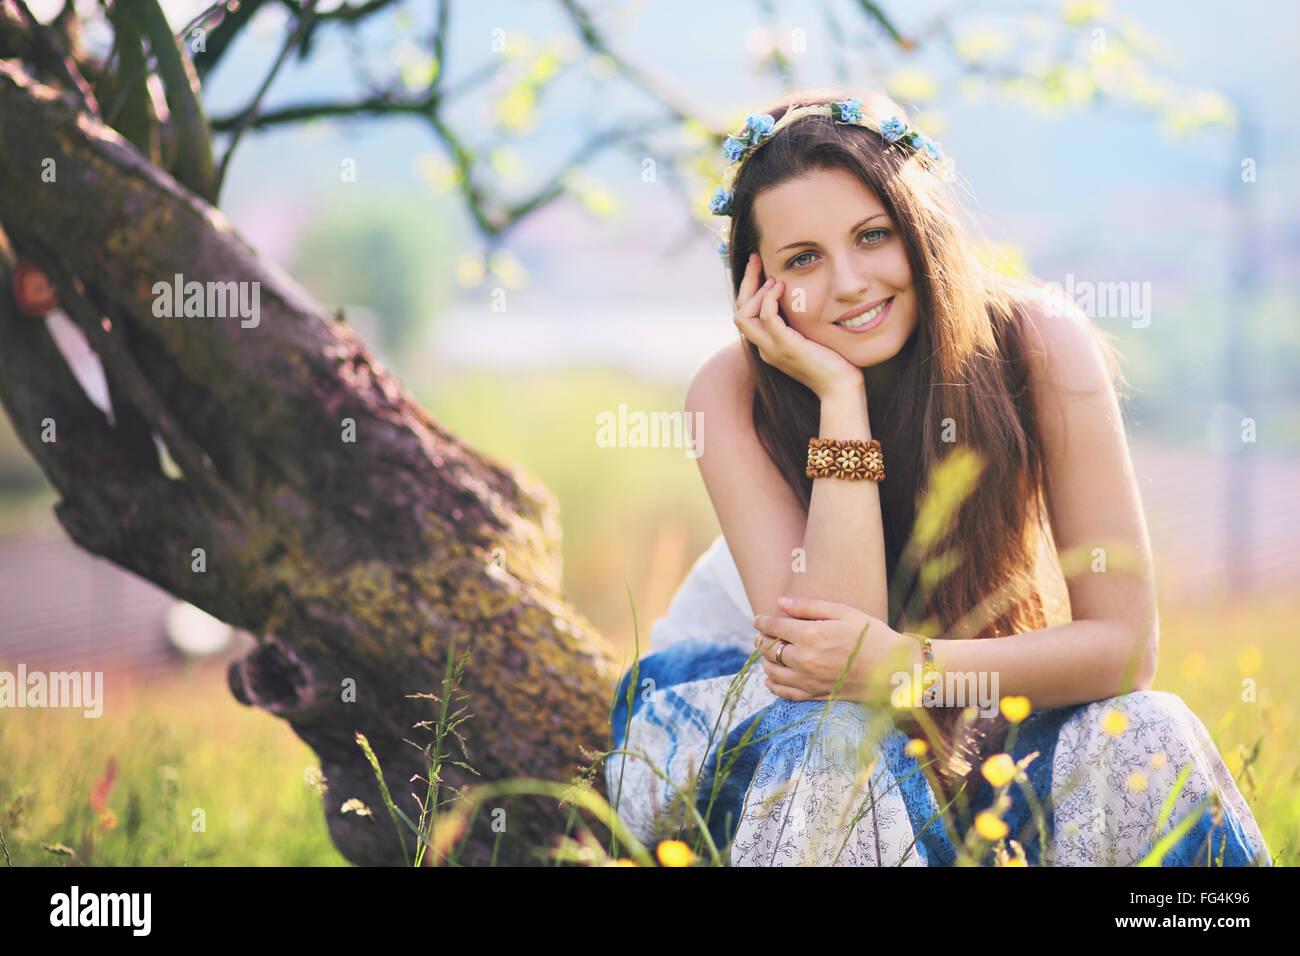 Mujer sonriente y alegre en la primavera de pradera. Naturaleza y armonía Foto de stock